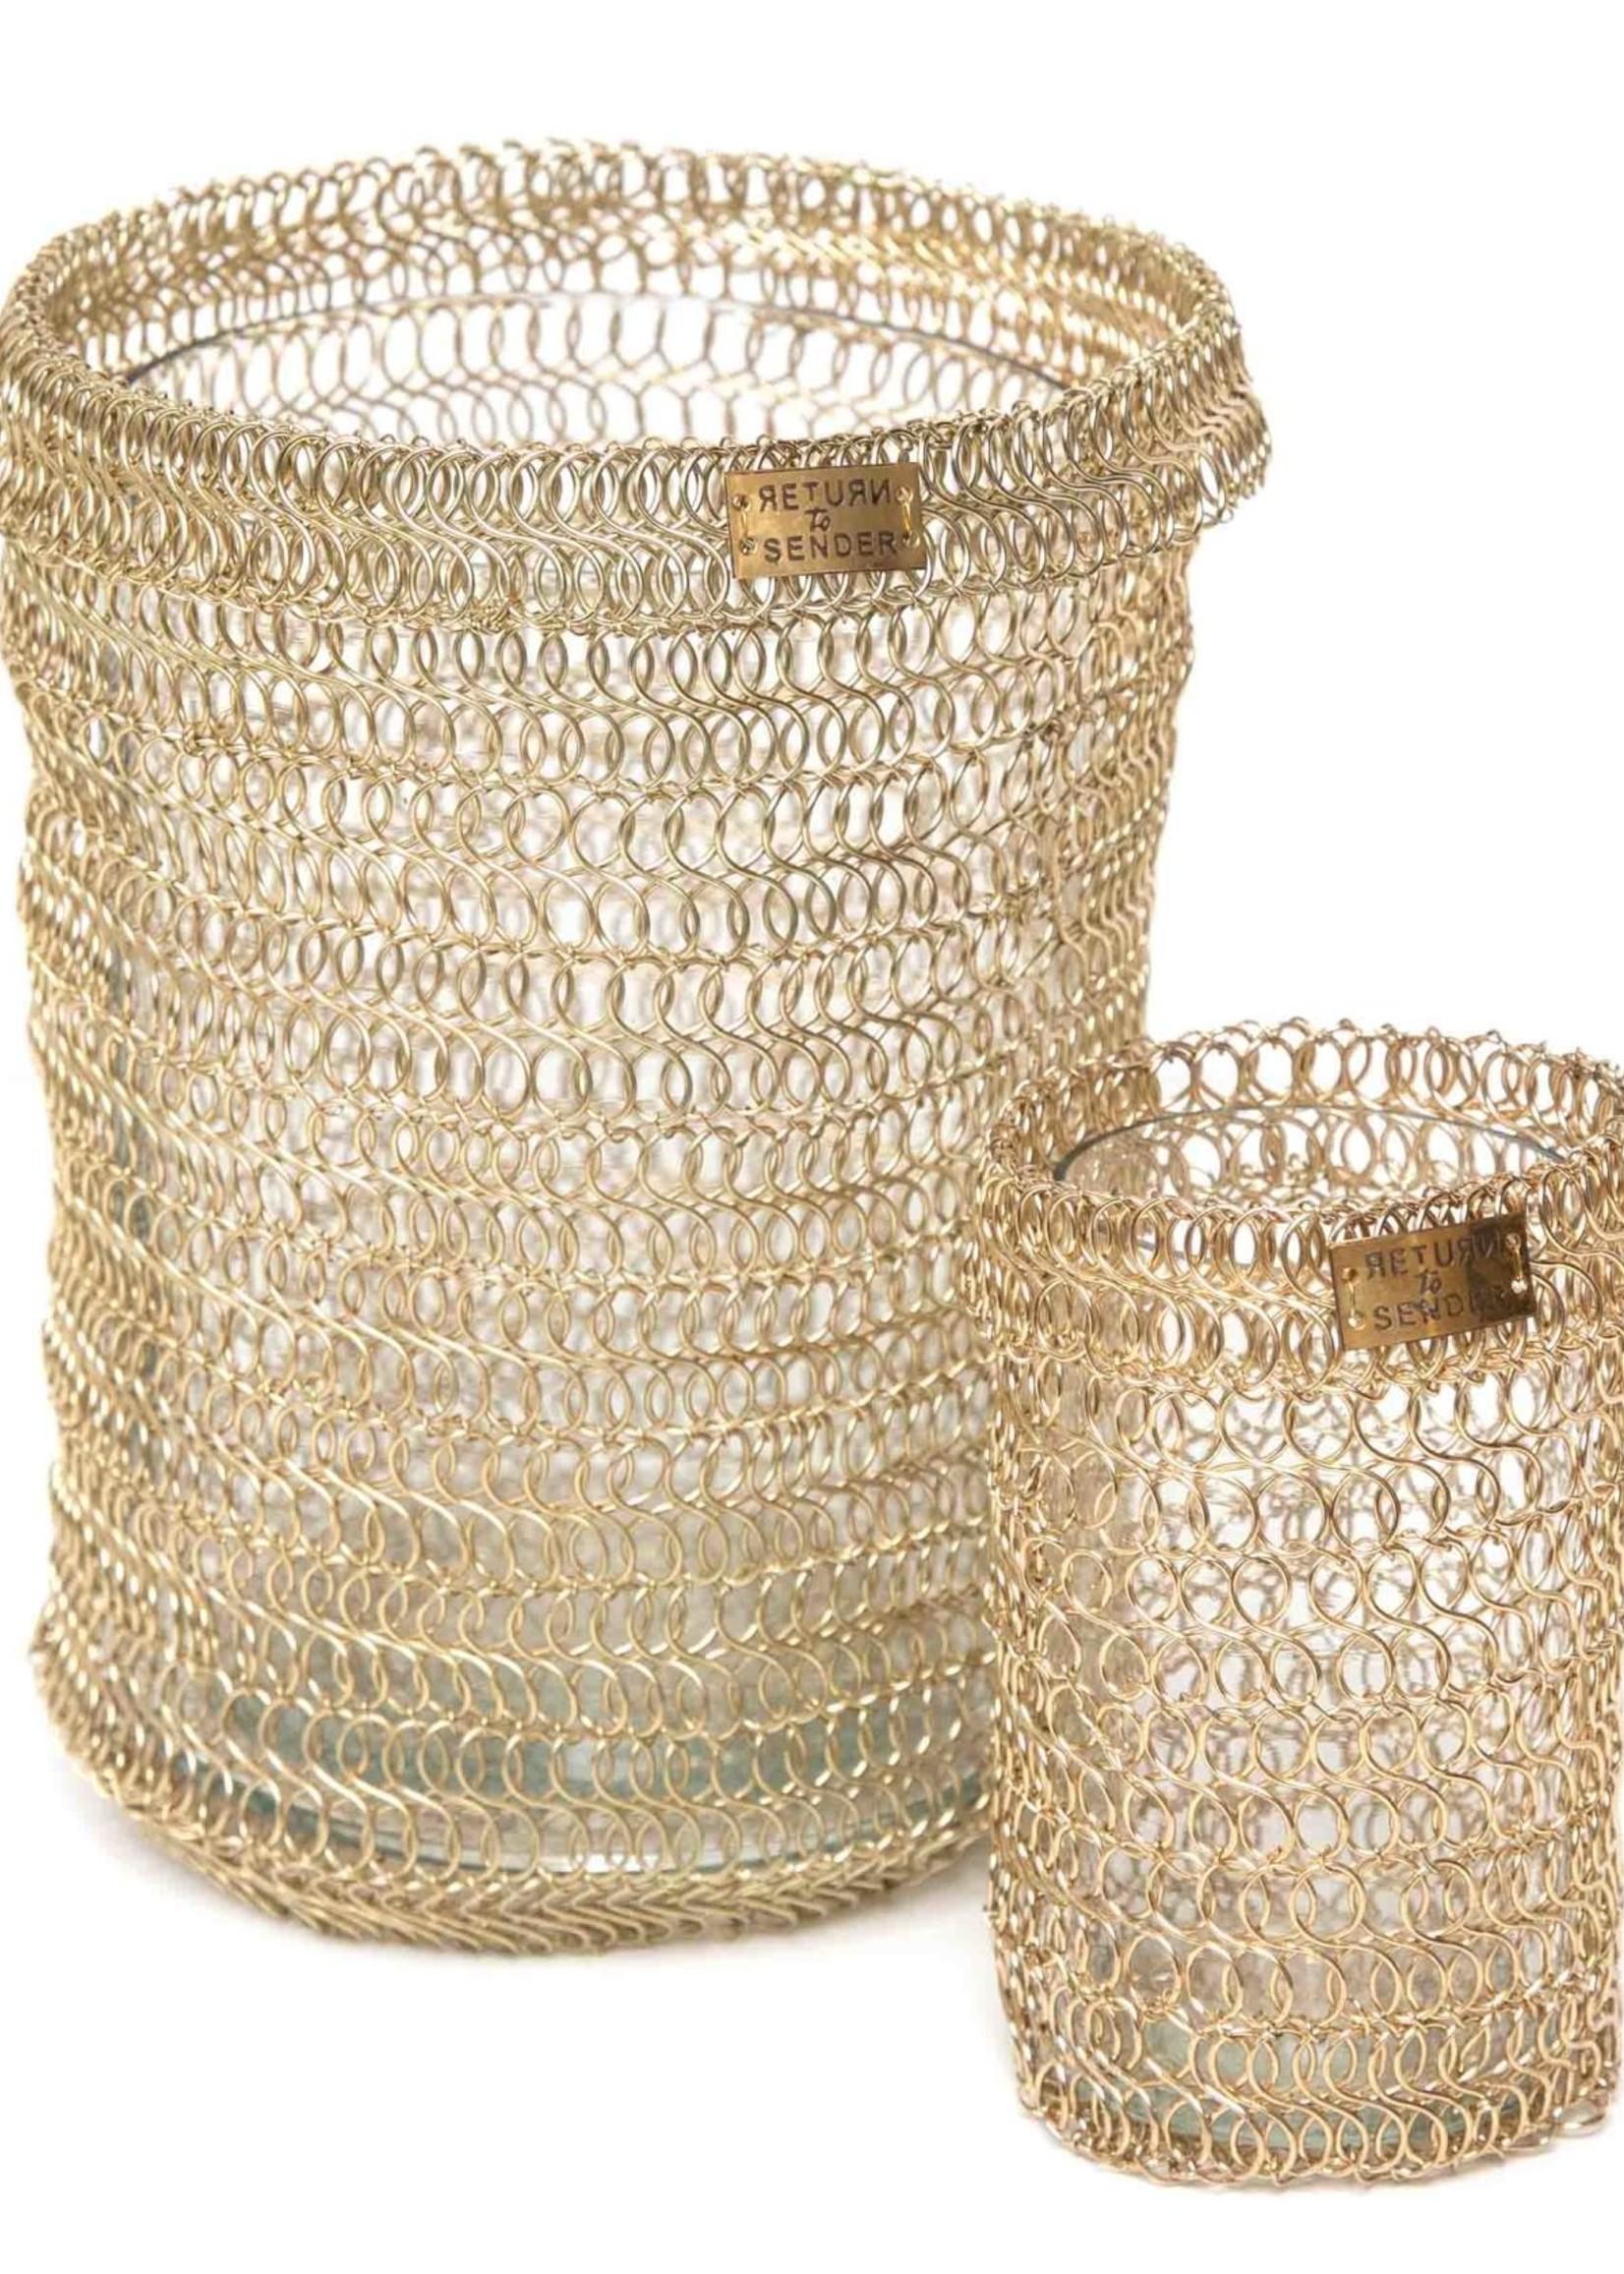 Return to Sender Return to Sender- Golden woven tealight- large